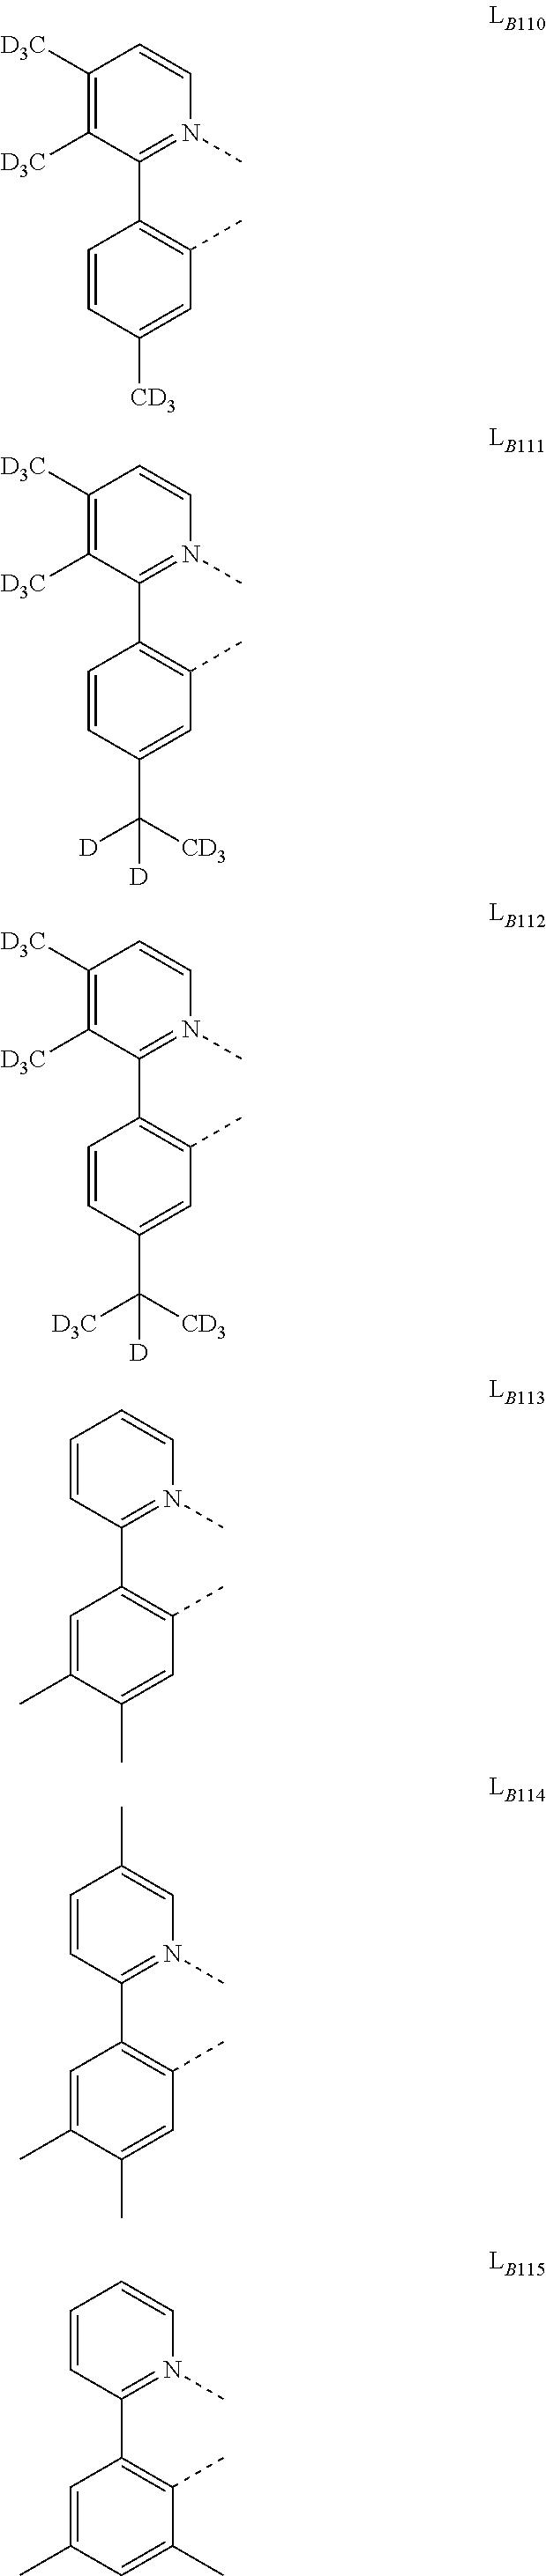 Figure US20180130962A1-20180510-C00087